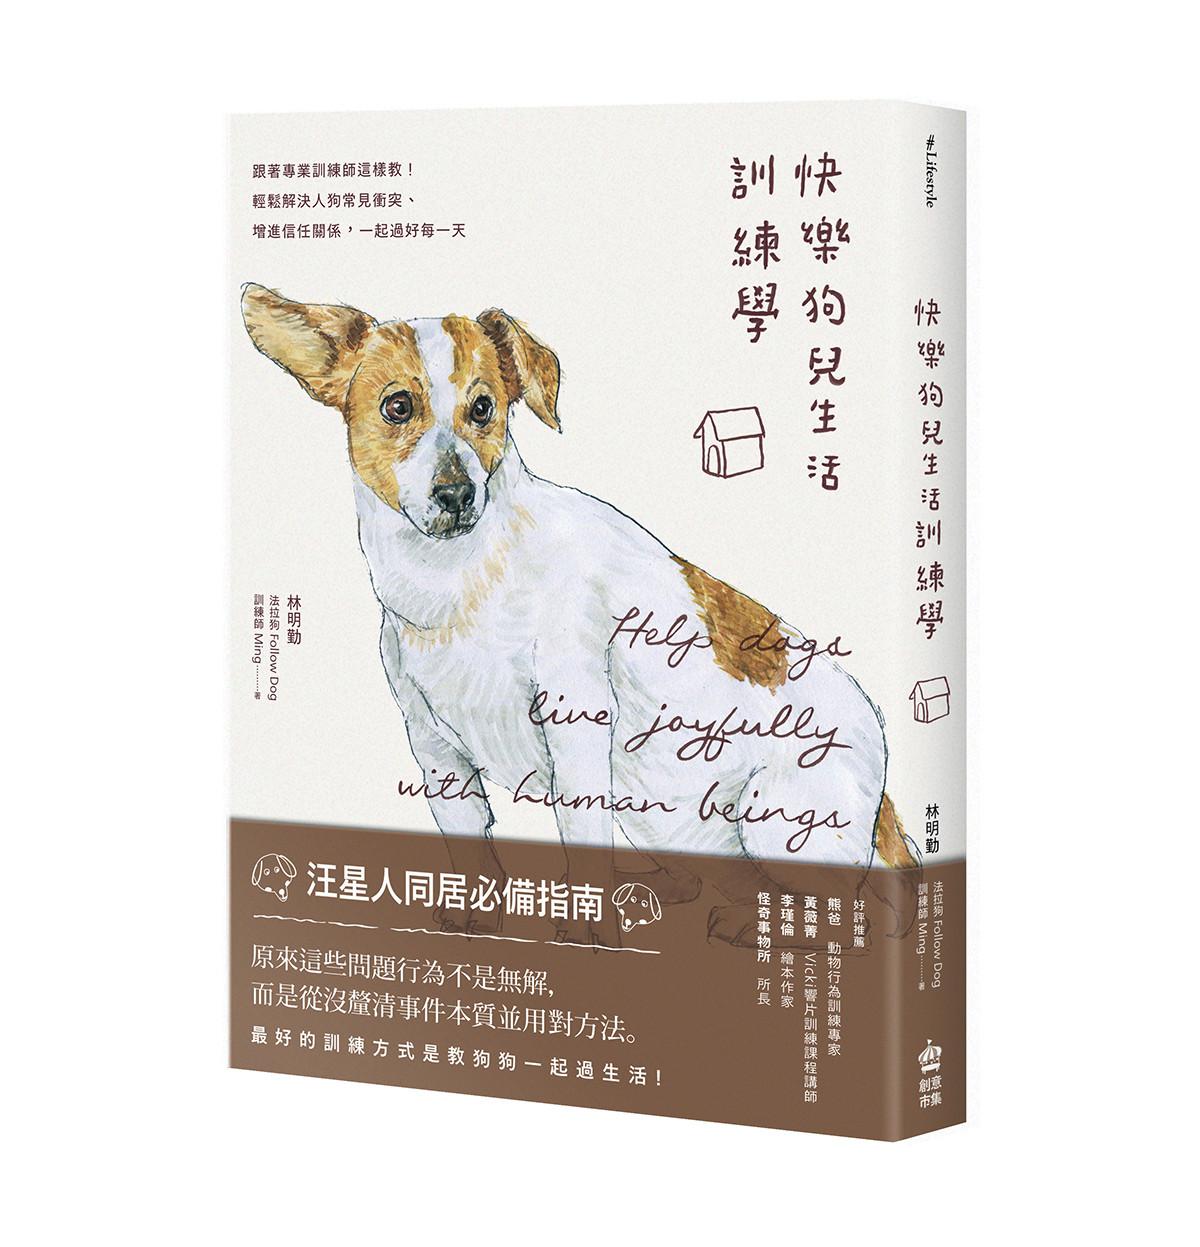 ▲《快樂狗兒生活訓練學》。(圖/ 城邦文化提供)